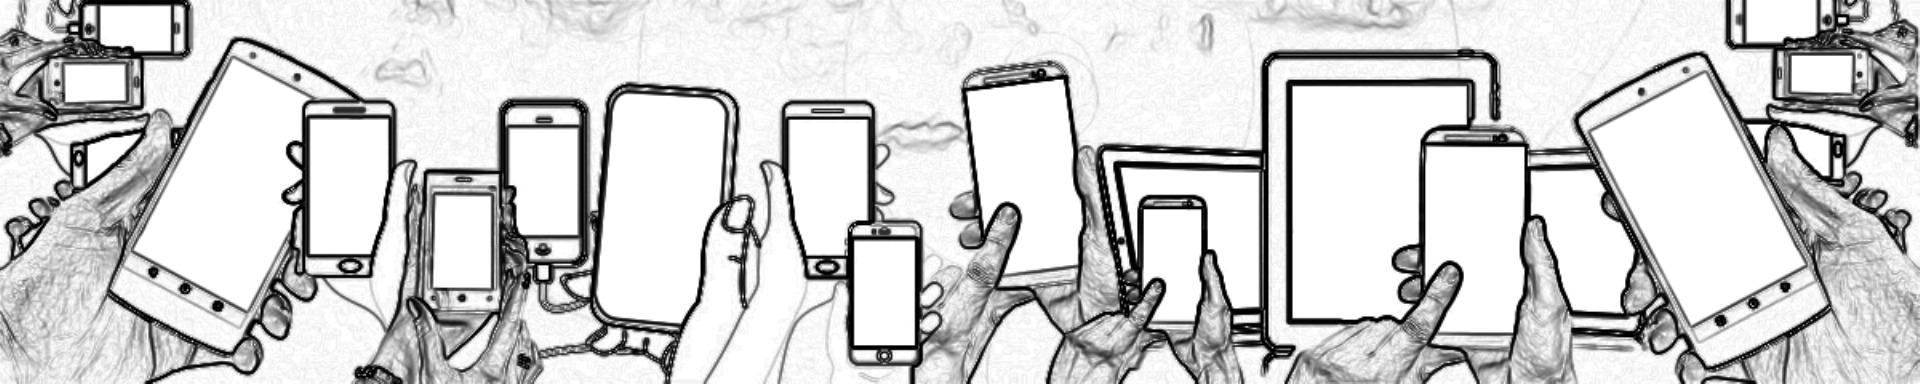 Hände mit Smartphones